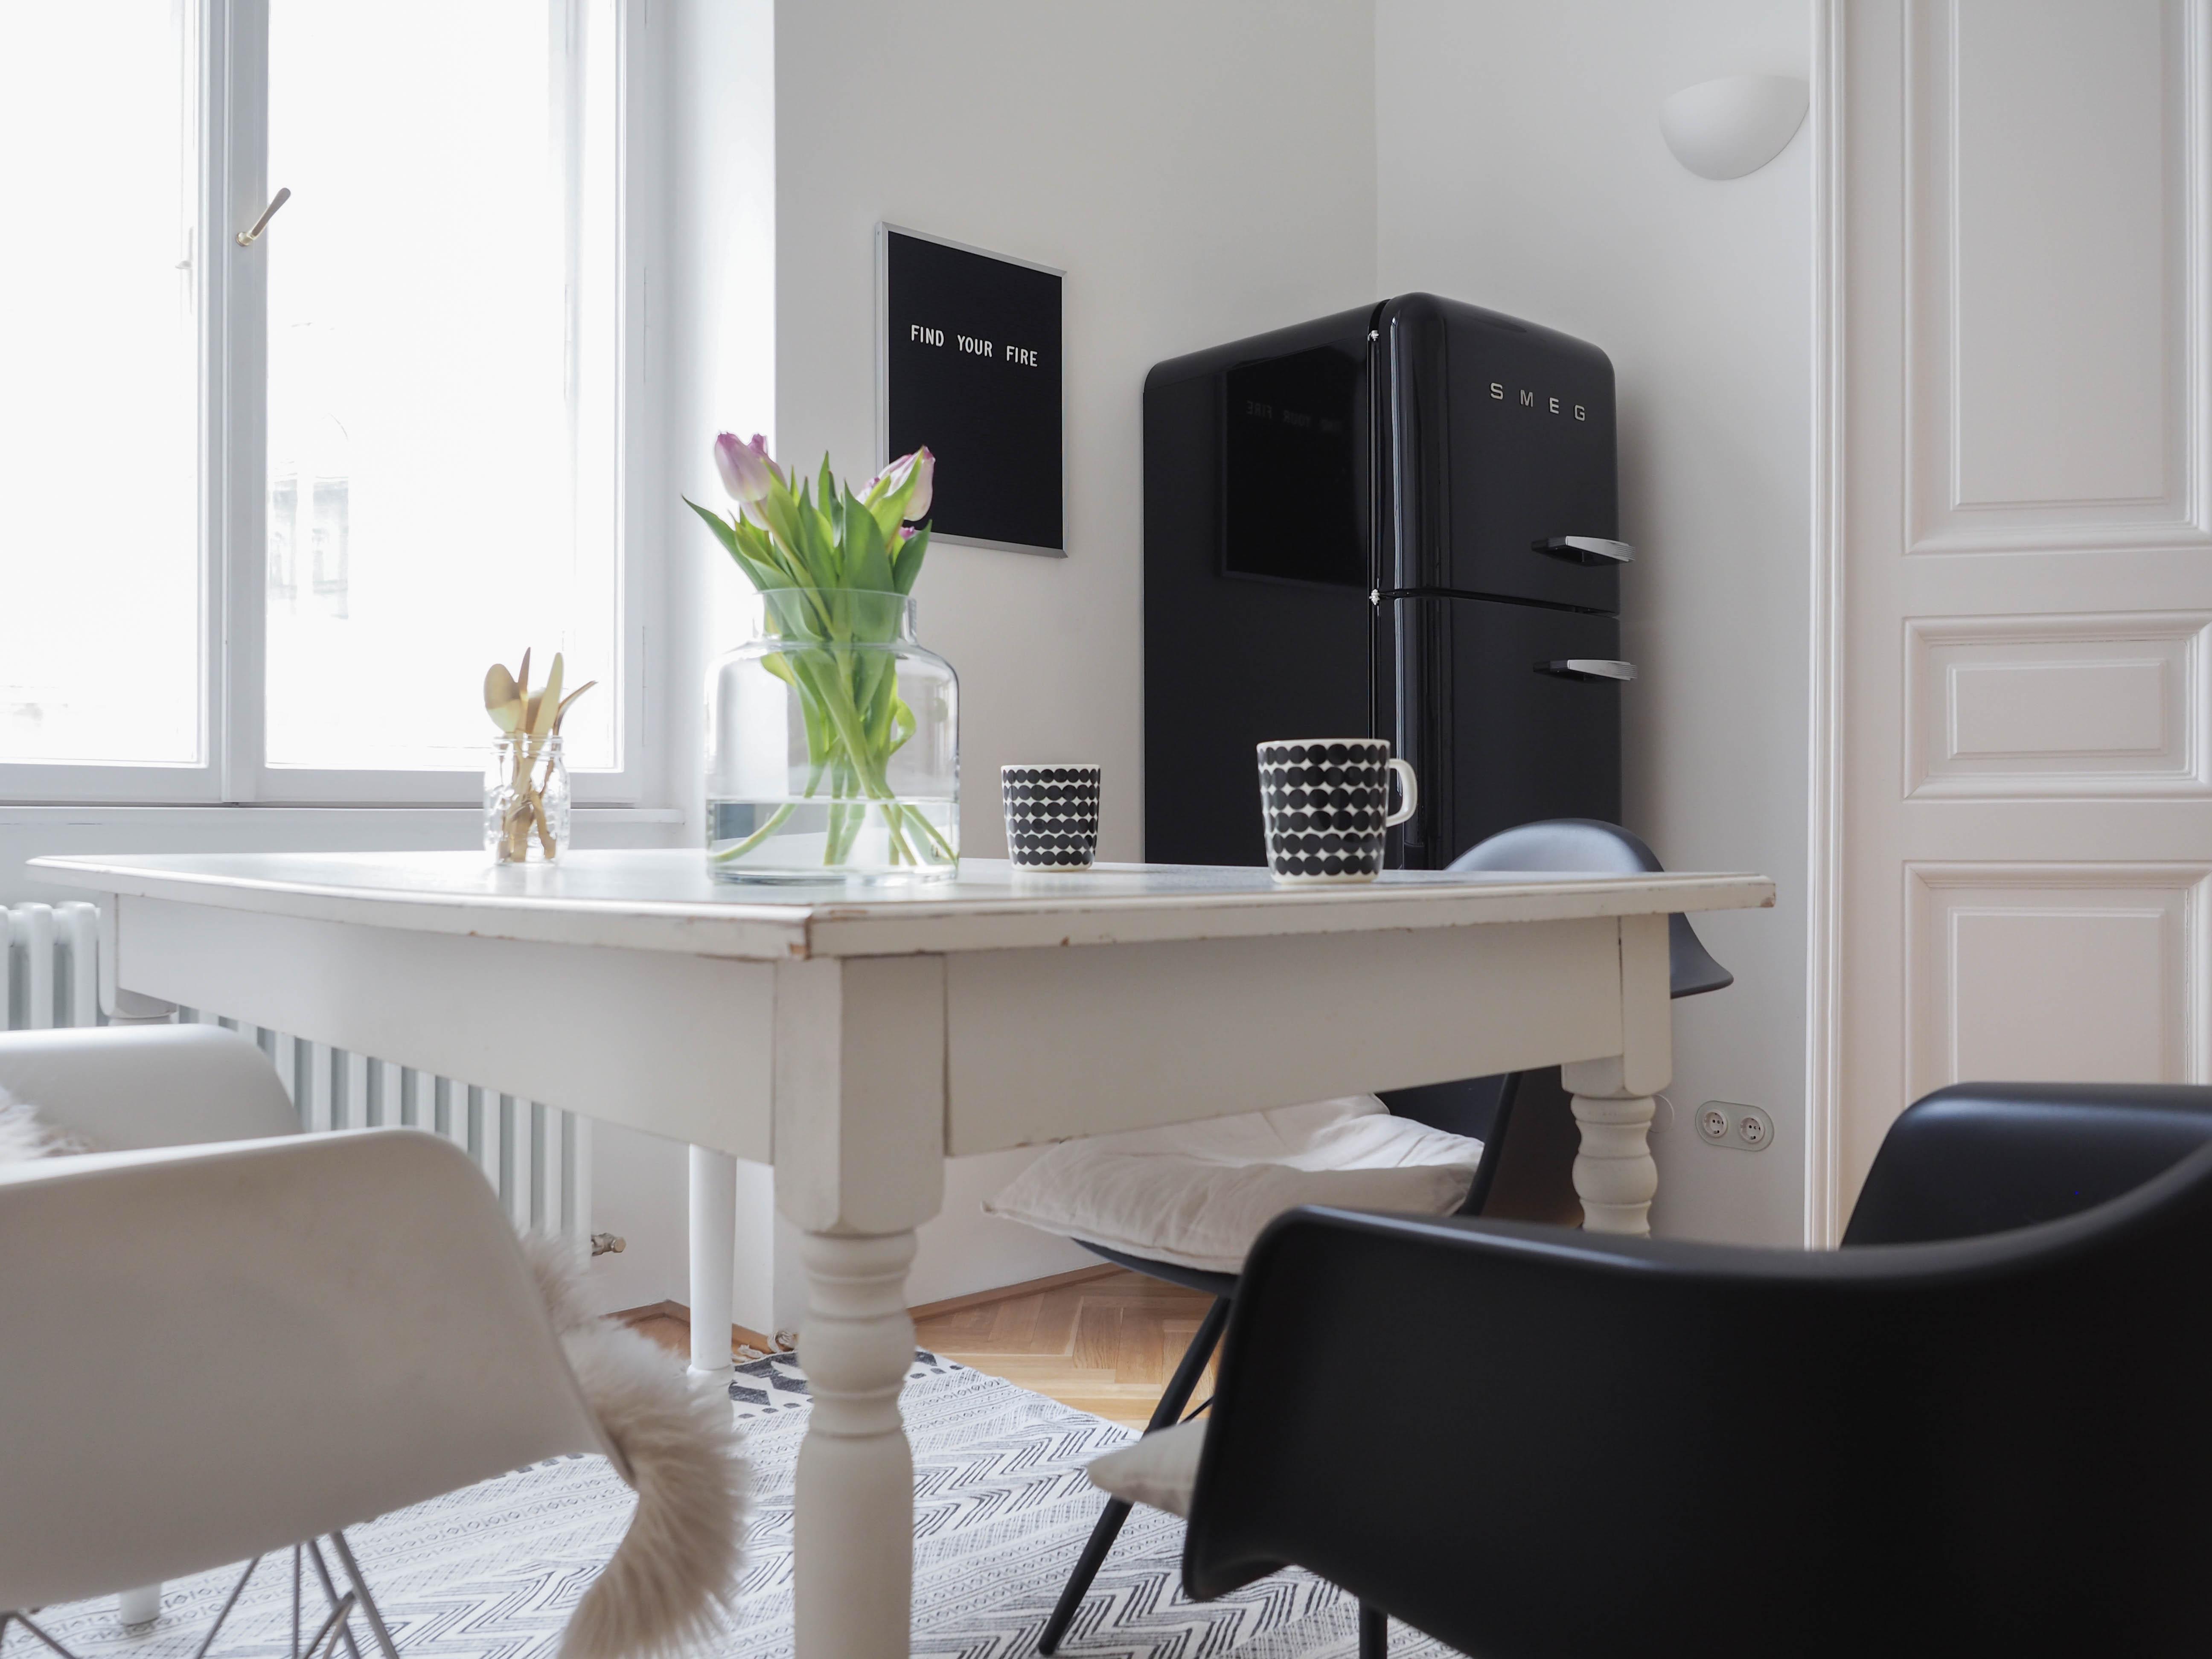 Smeg Kühlschrank Schwarz : More black schwarze vitra eames chair fÜr die kÜche traumzuhause